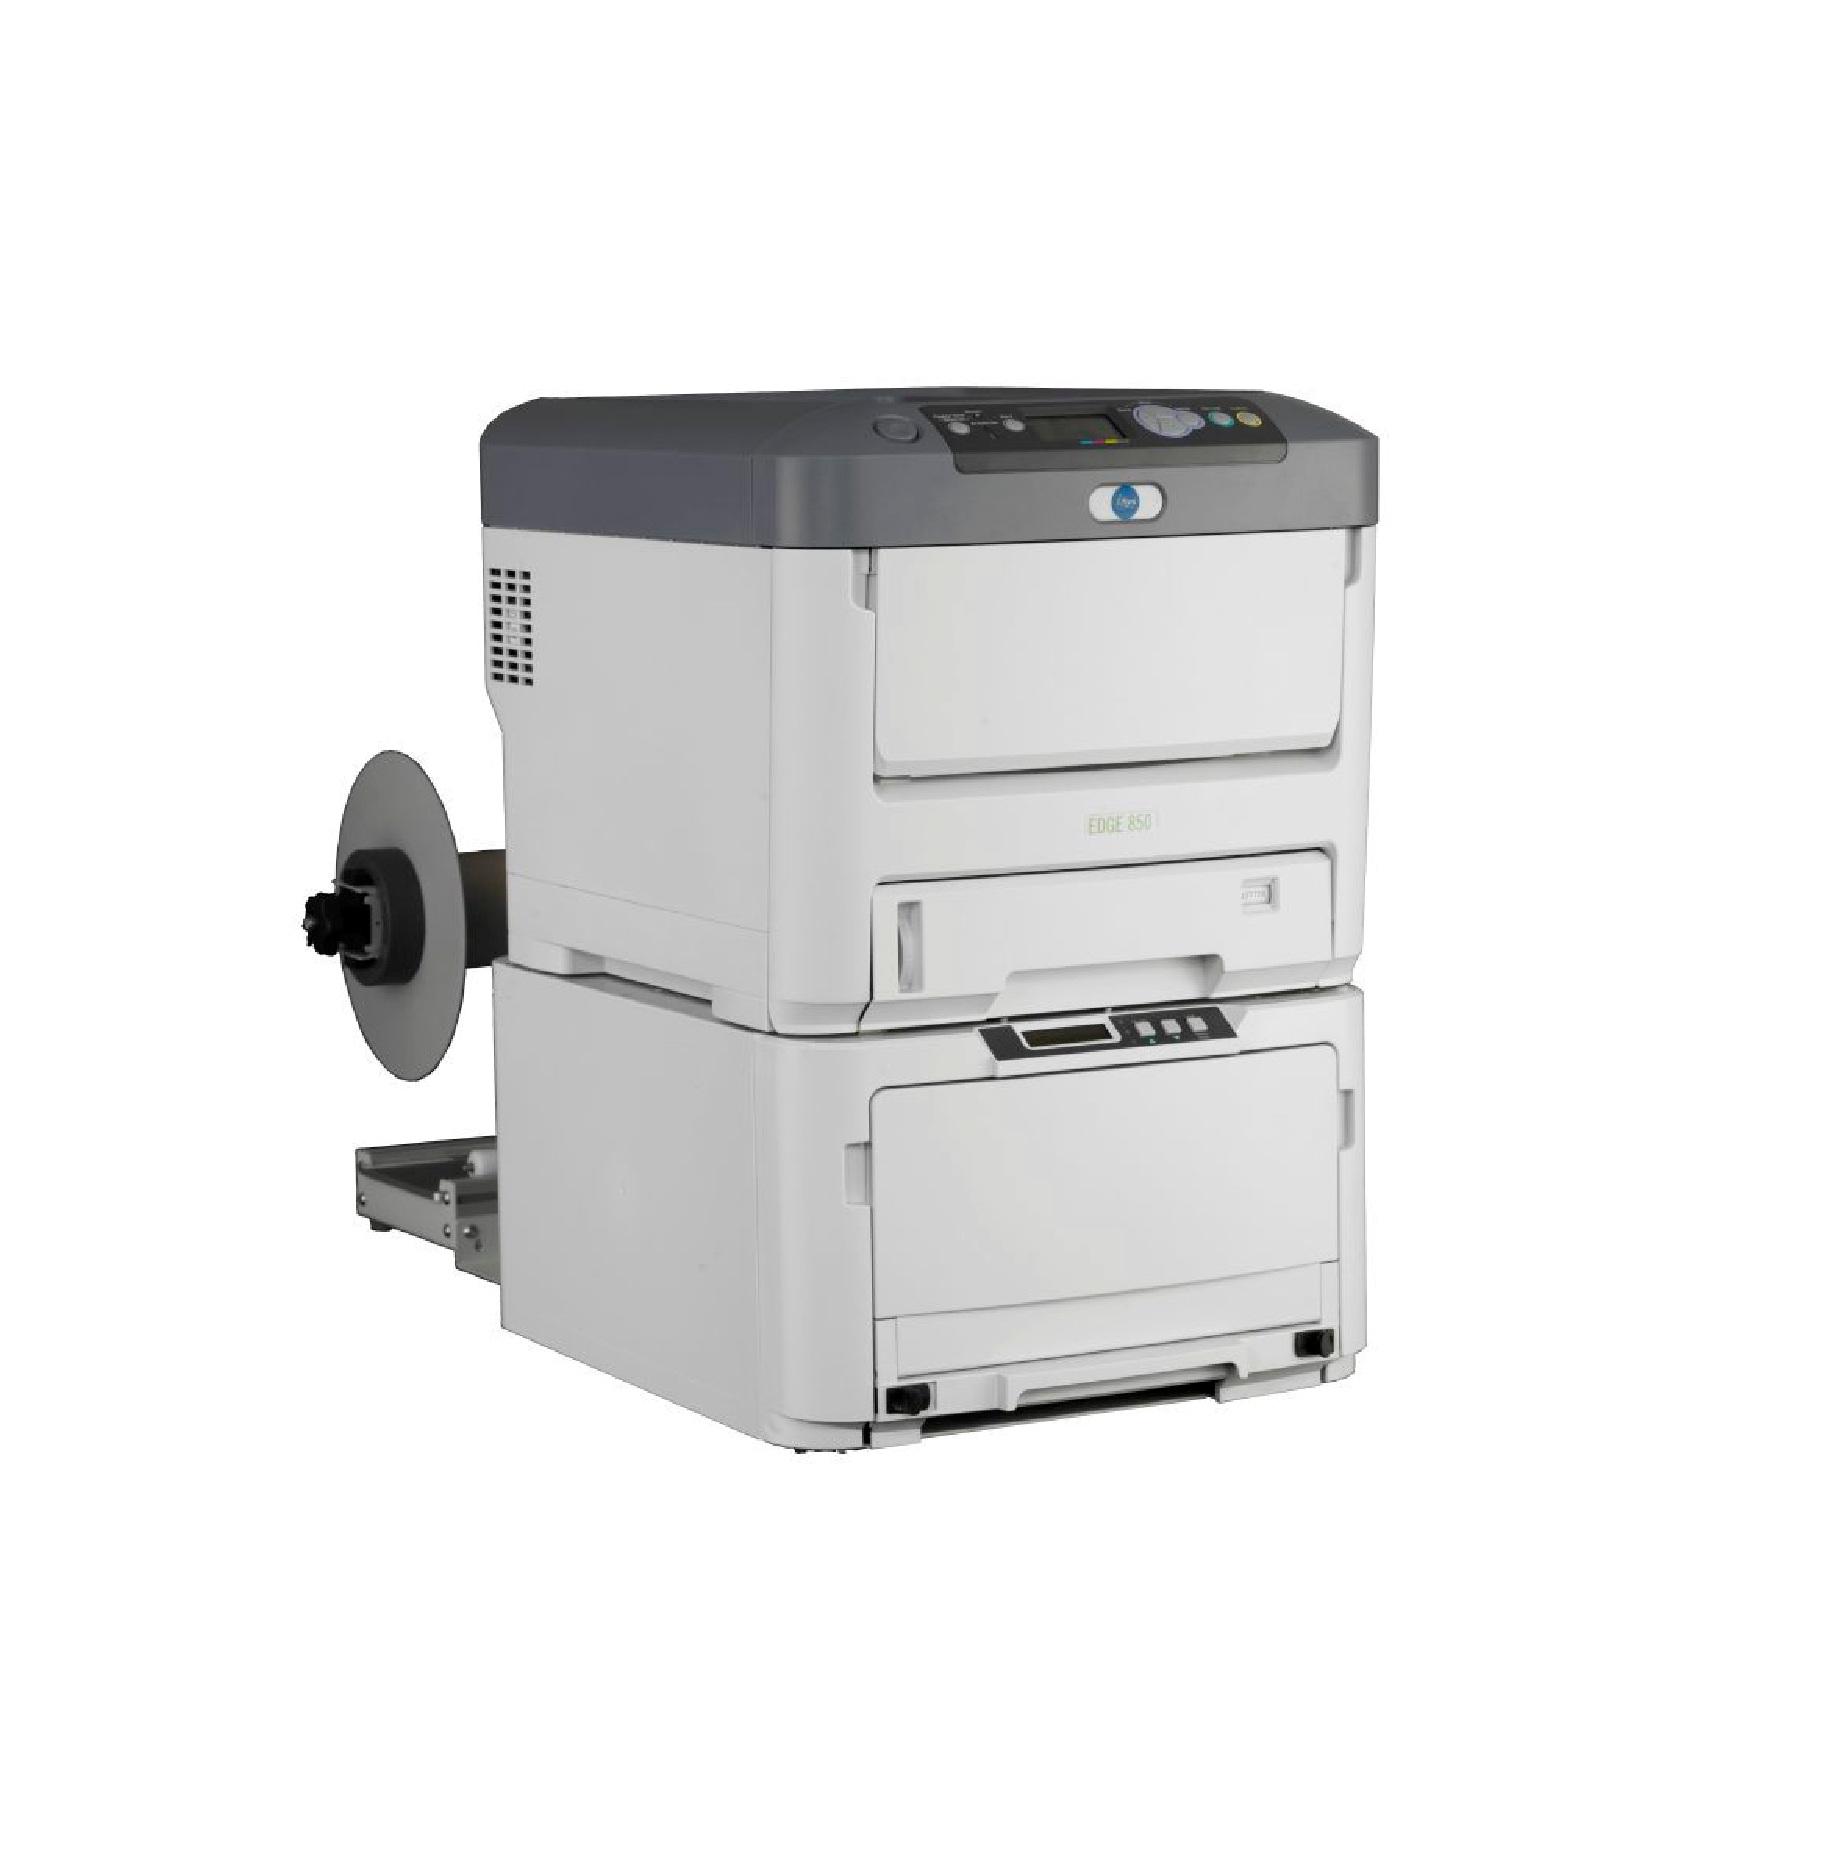 GHS_BS5069_printer_1.jpg